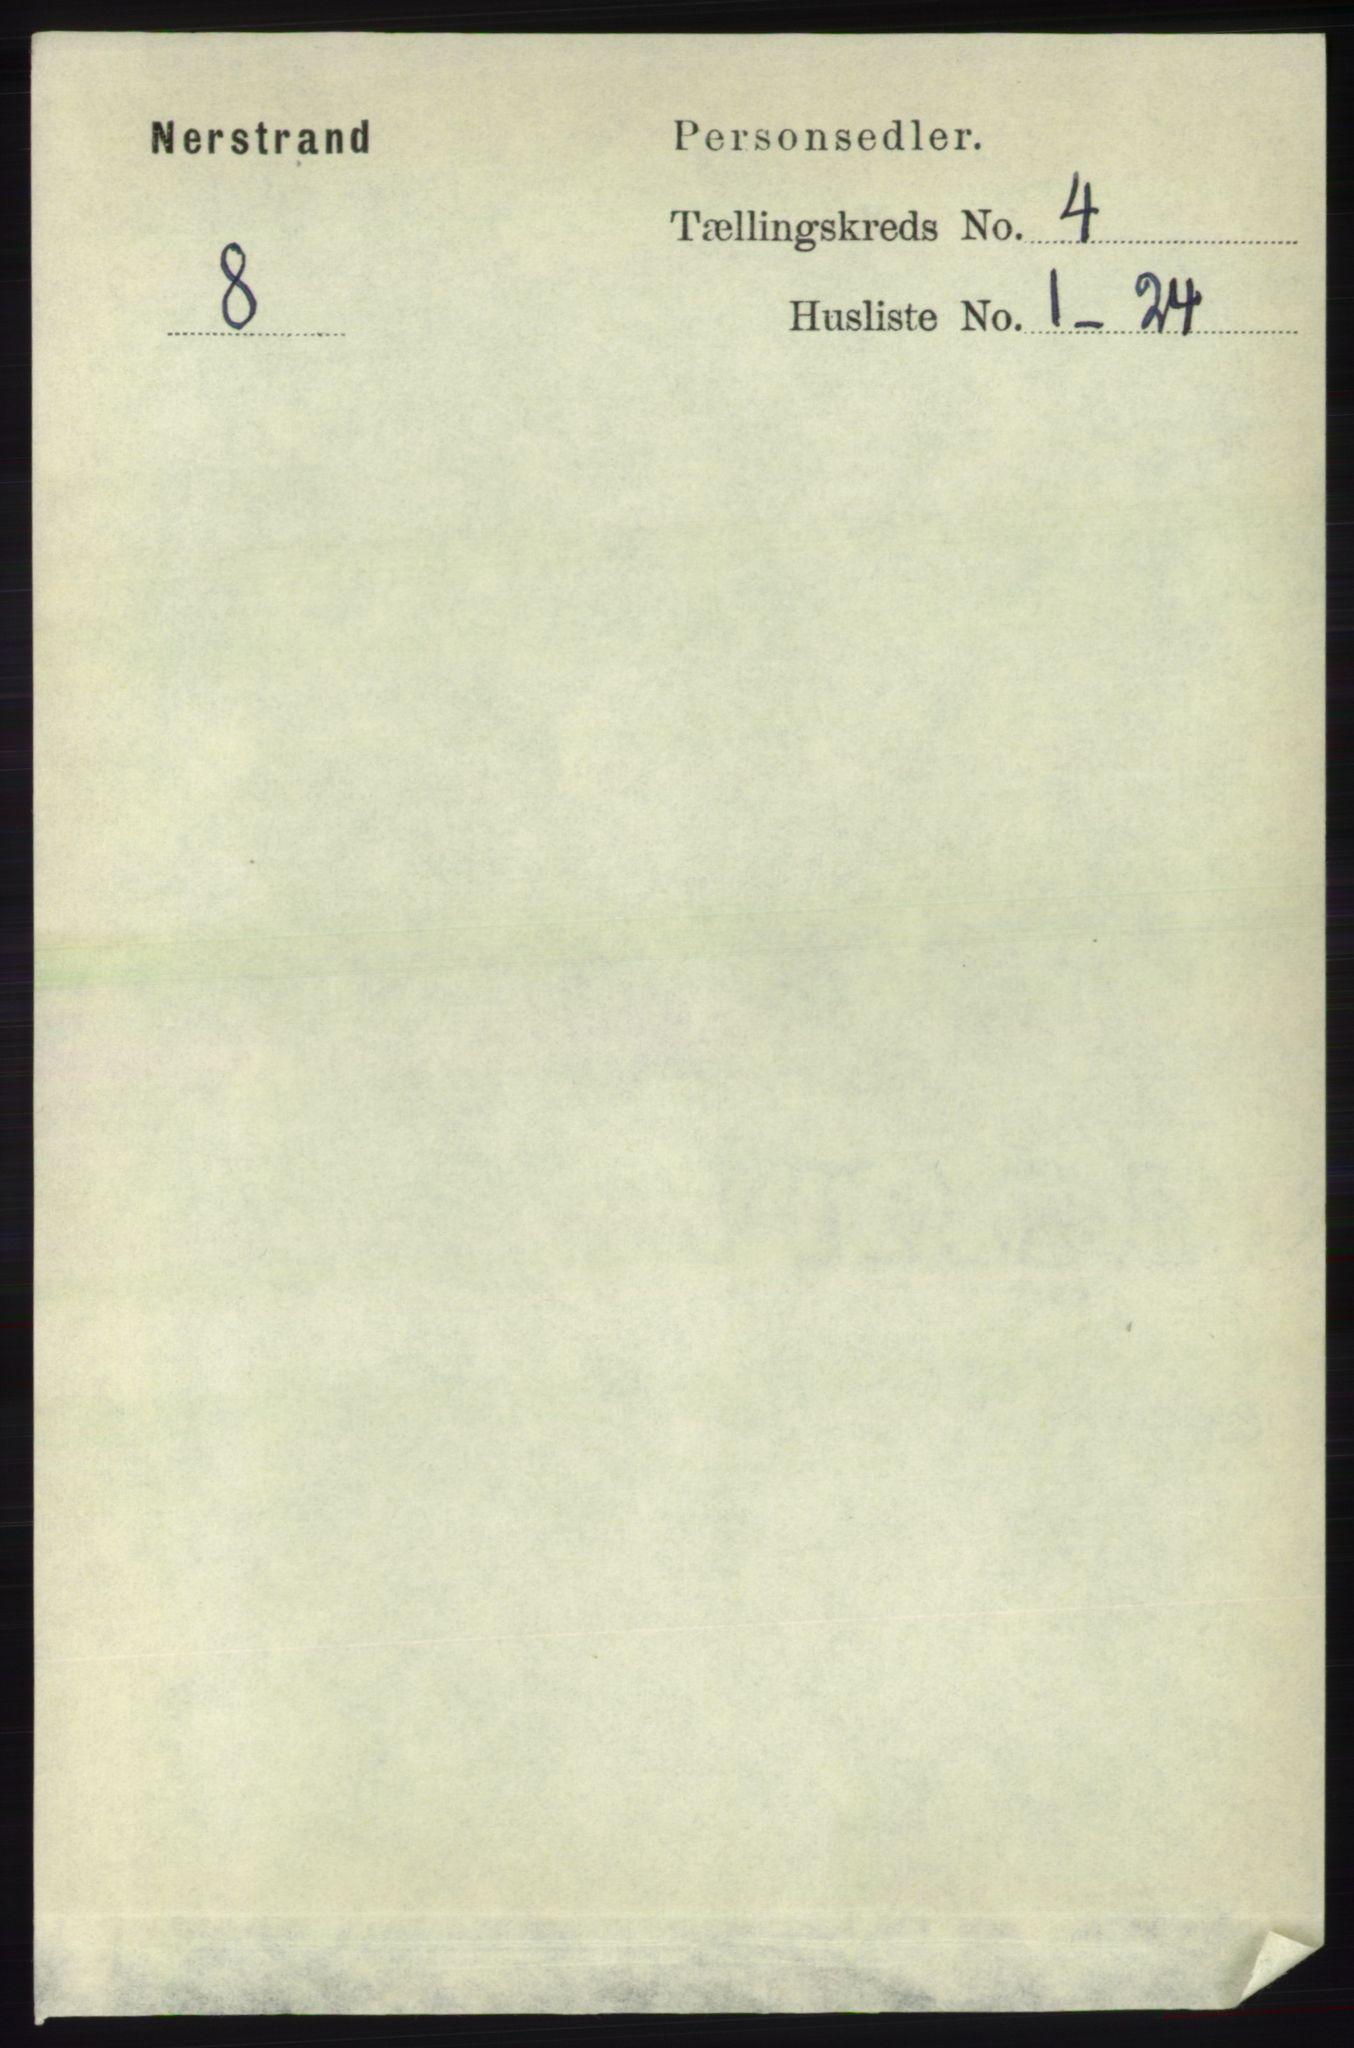 RA, Folketelling 1891 for 1139 Nedstrand herred, 1891, s. 647